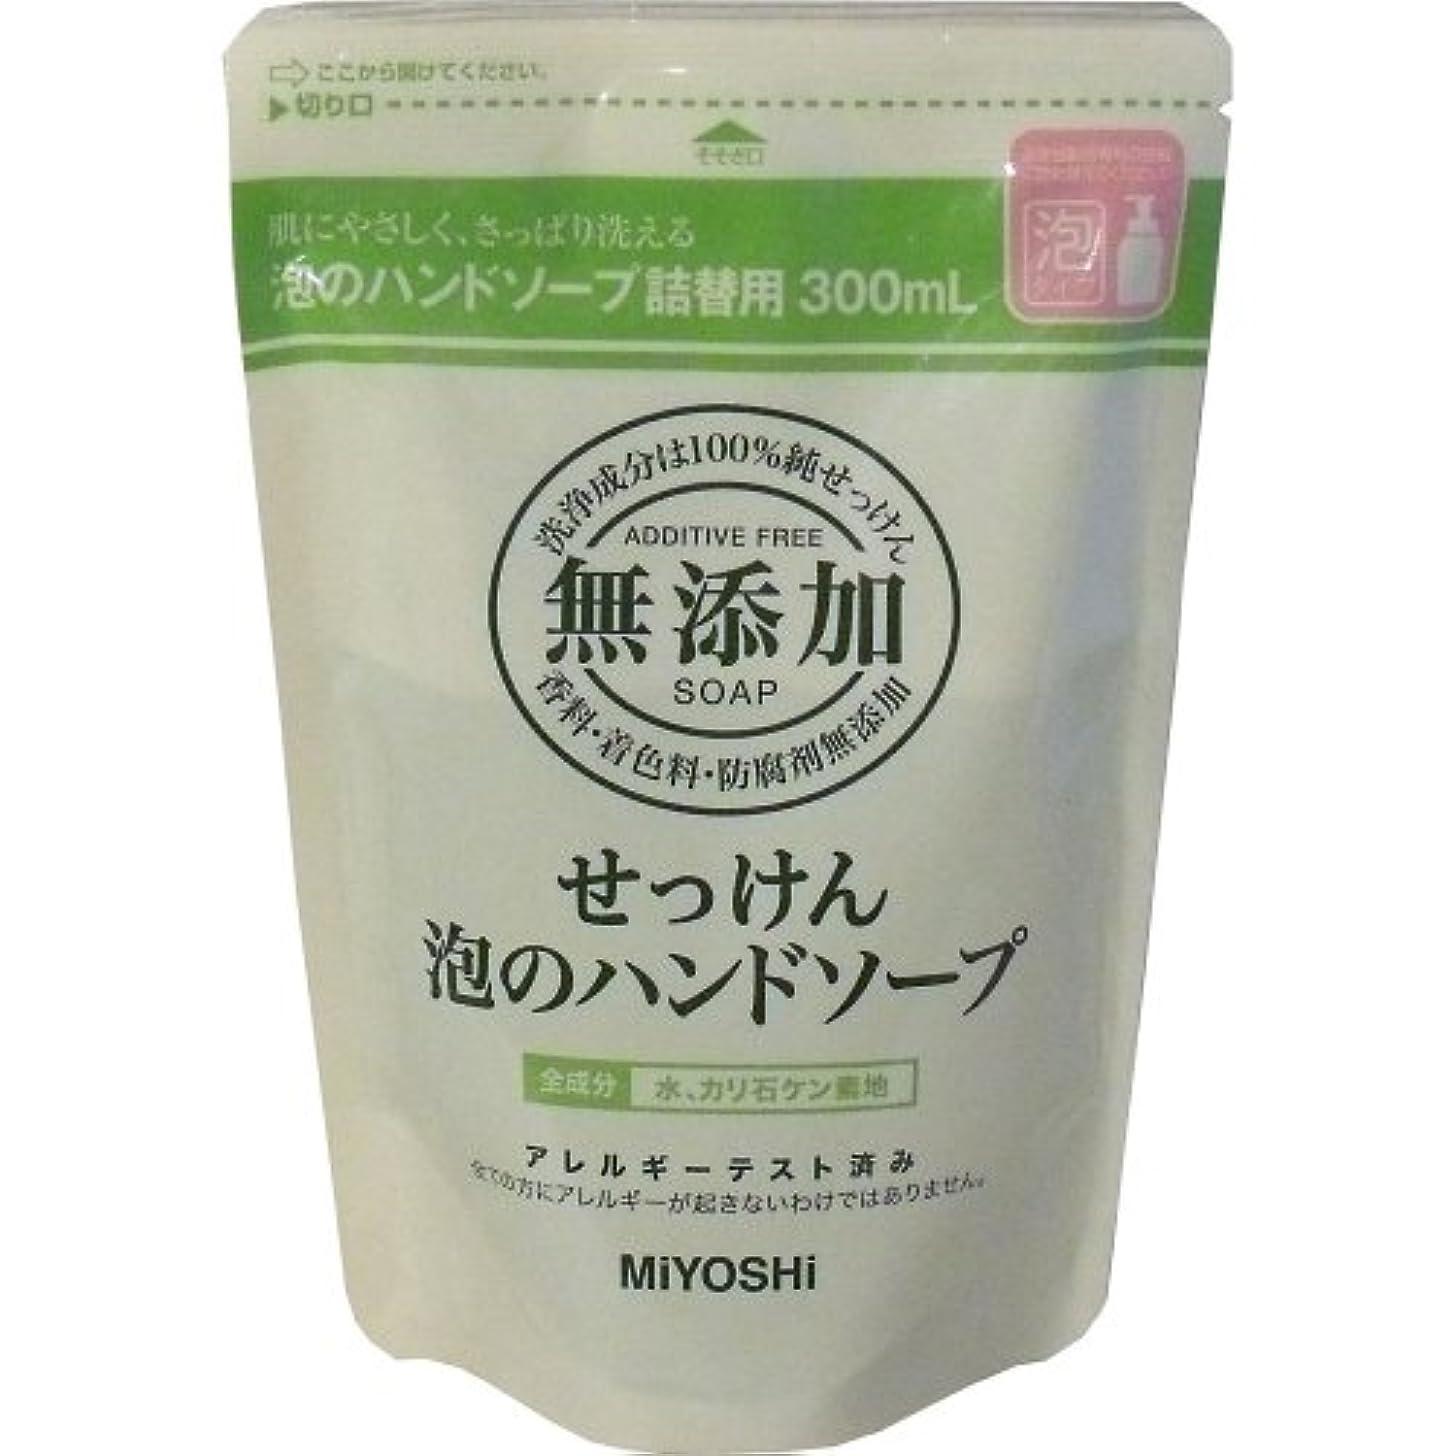 ブランド盆地ミルミヨシ石鹸 無添加せっけん泡ハンドソープ 詰替用300ml×5